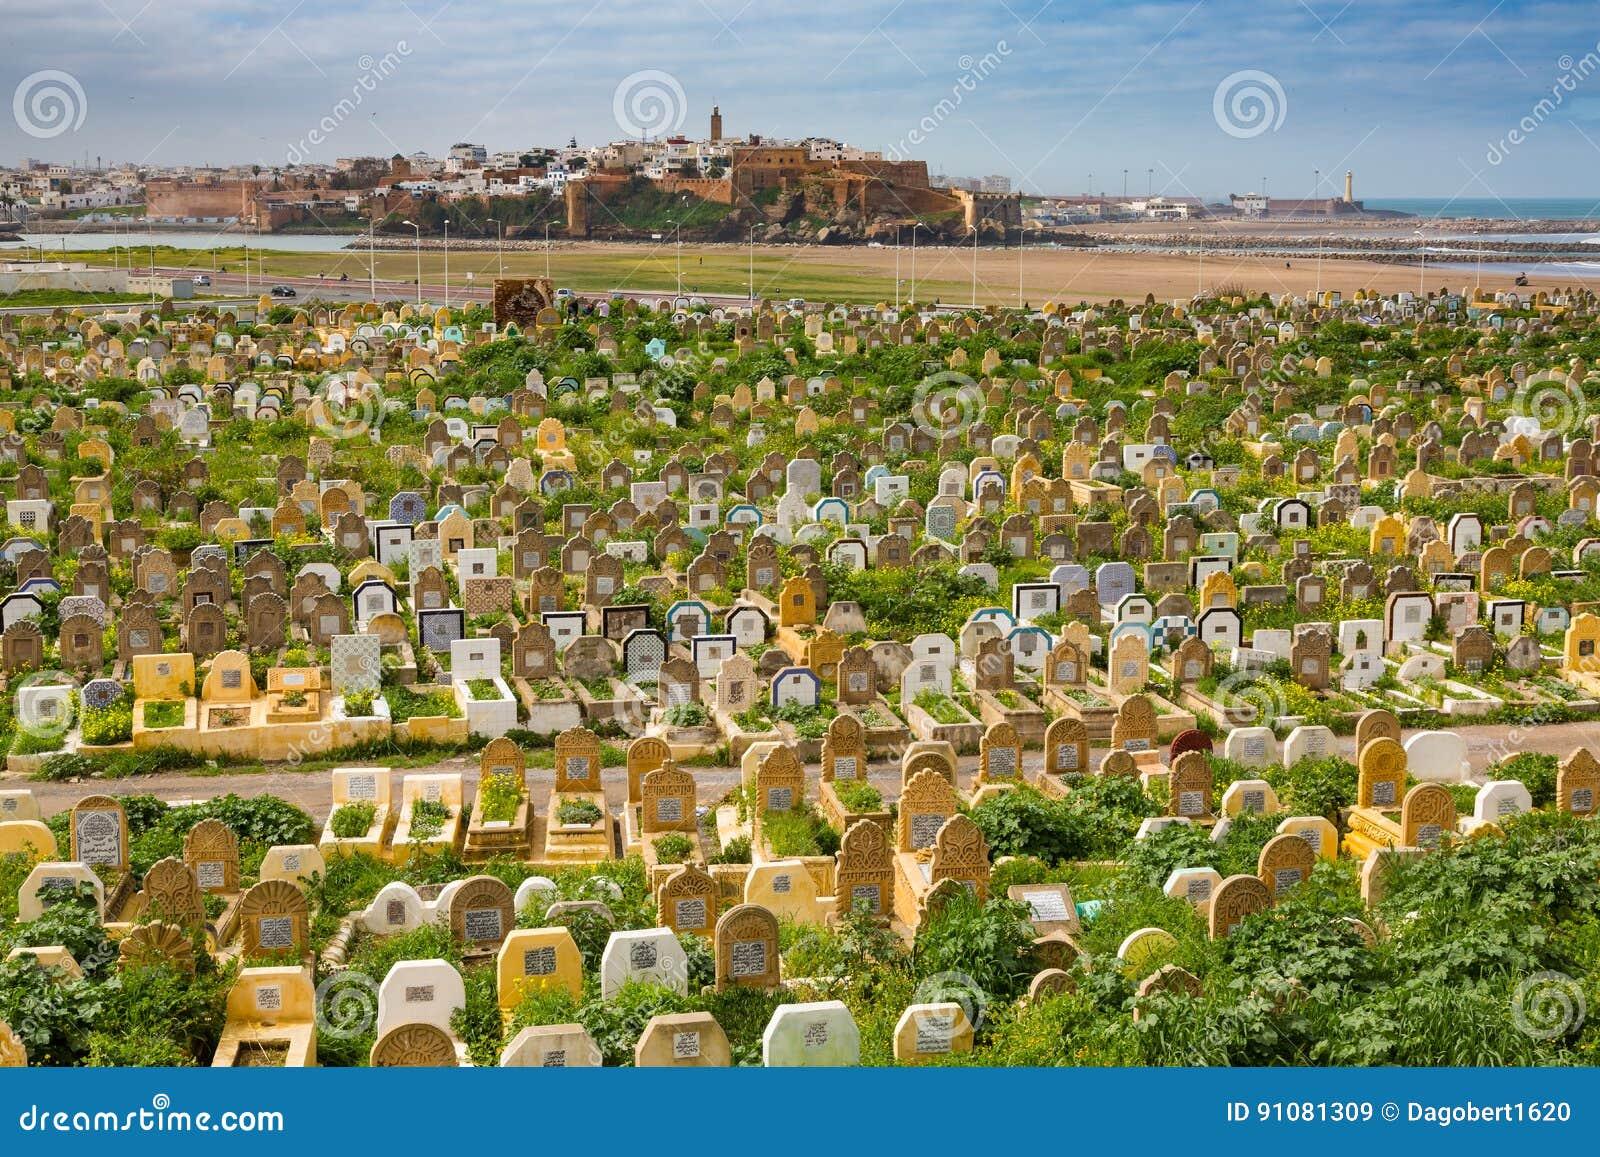 Venta, Marruecos - 6 de marzo de 2017: Cementerio árabe en venta, Marruecos